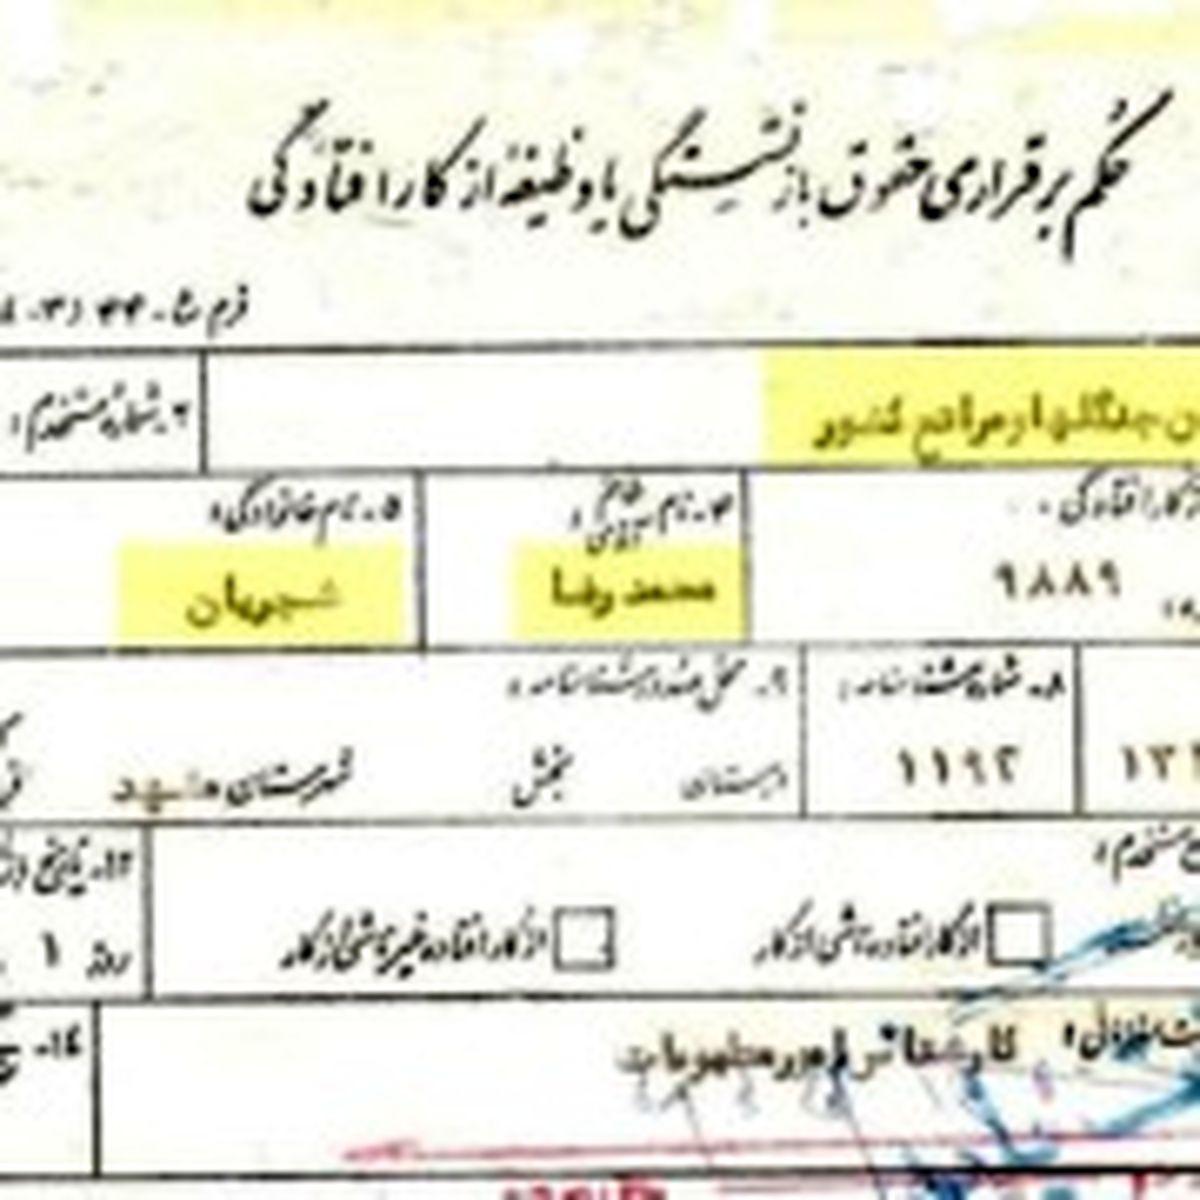 ۲۳هزار سند تاریخی صندوق بازنشستگی کشوری دیجیتالی شد